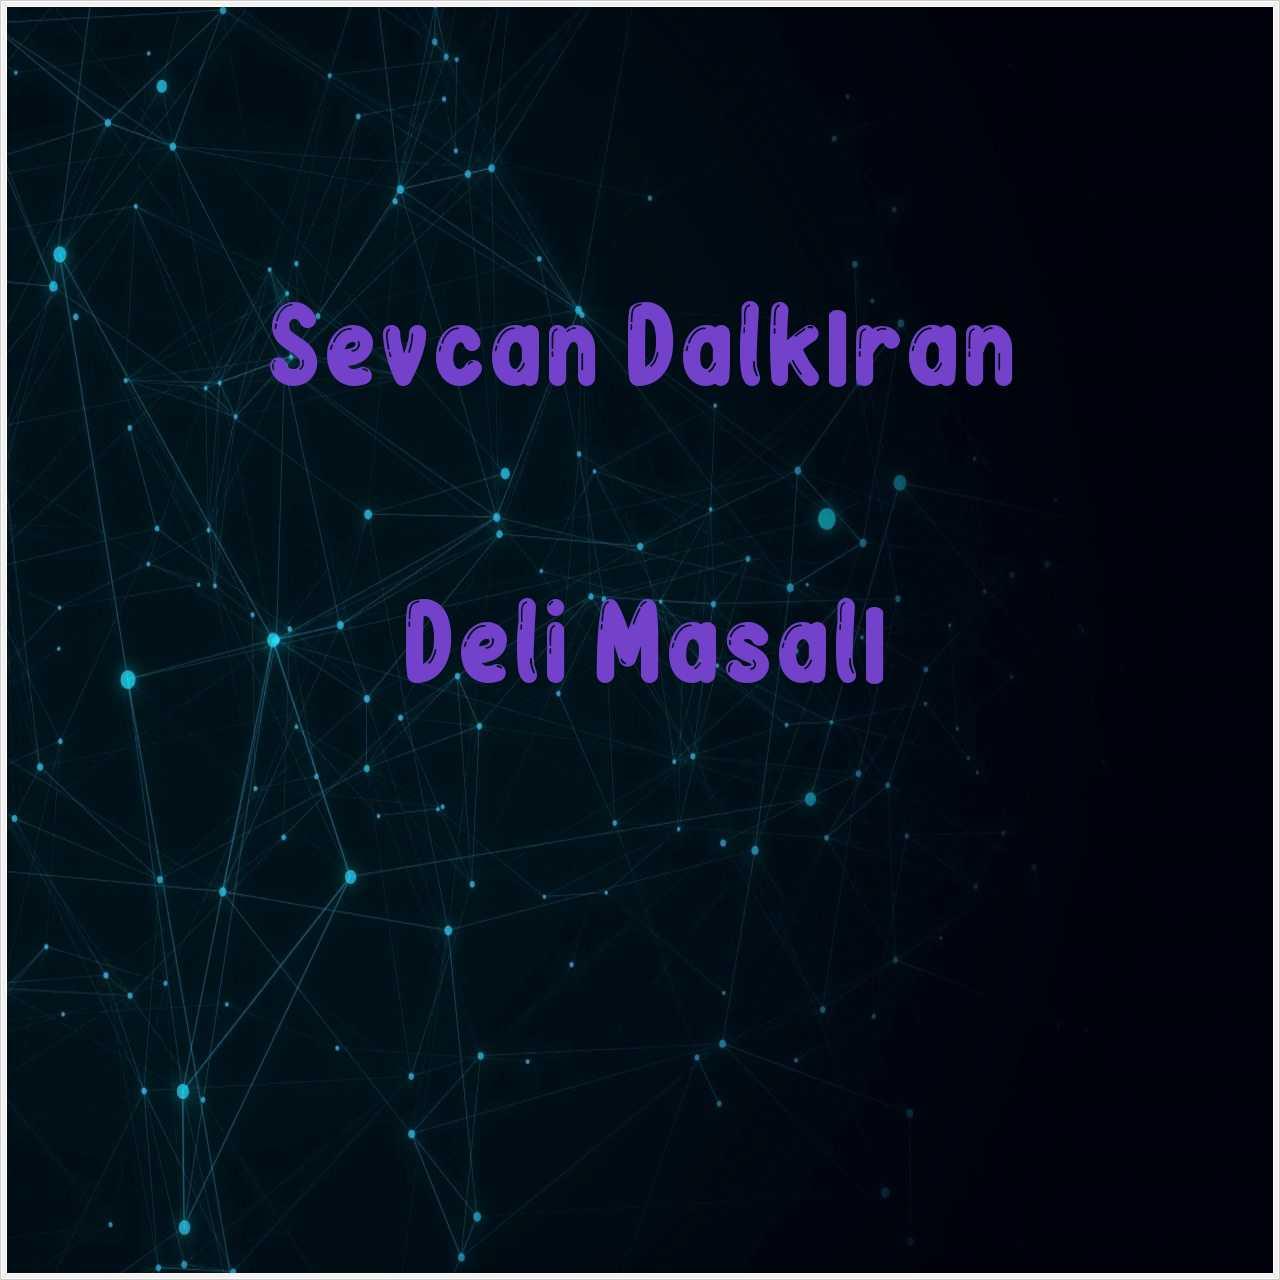 دانلود آهنگ جدید Sevcan Dalkıran به نام Deli Masalı